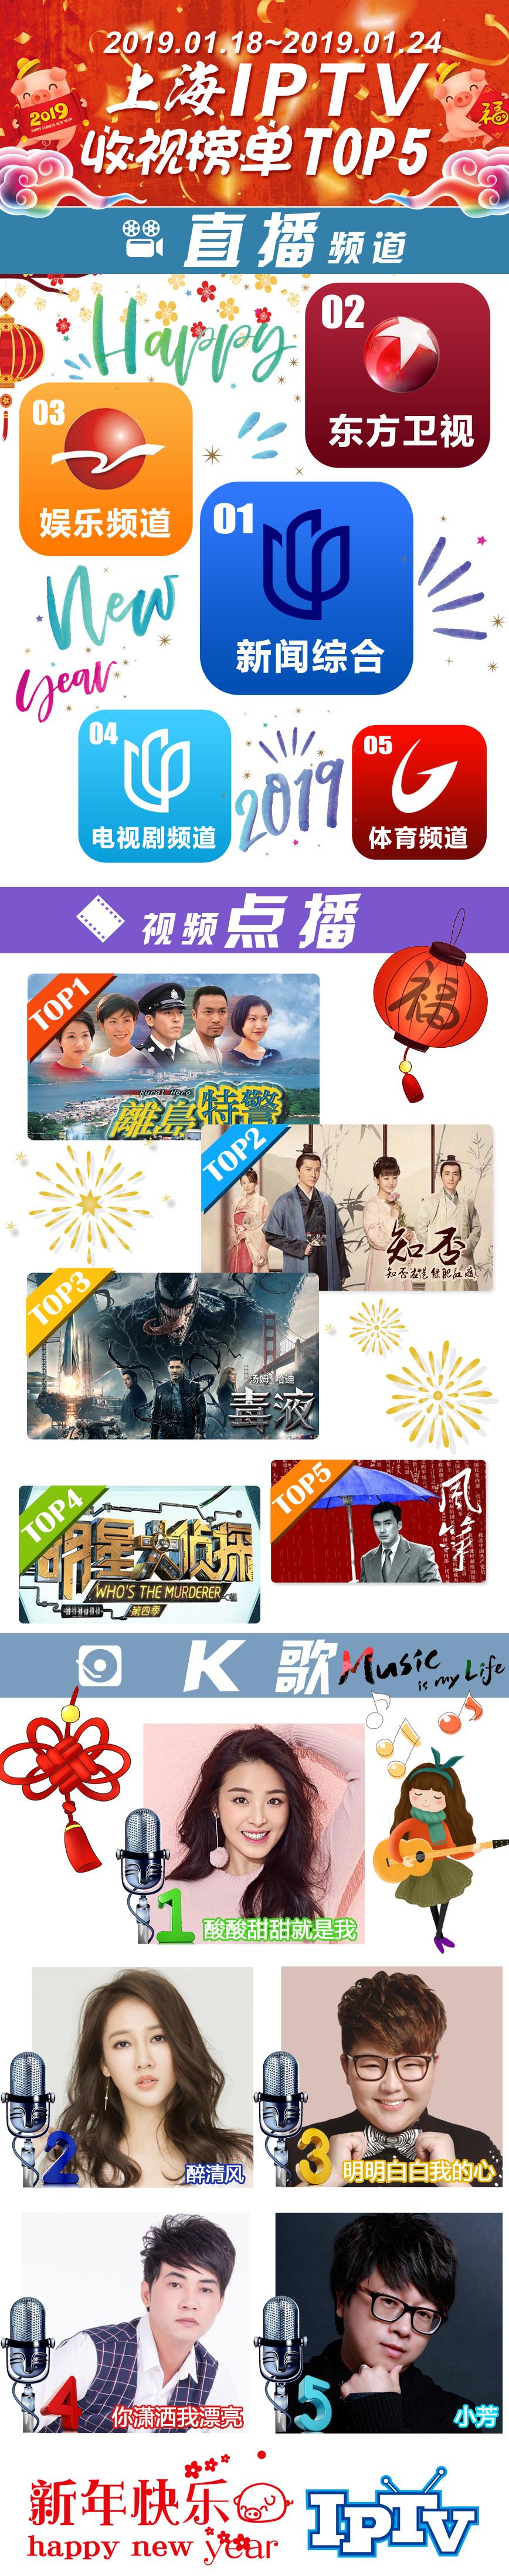 2019微博-上海IPTV收视榜单TOP5-190125.jpg